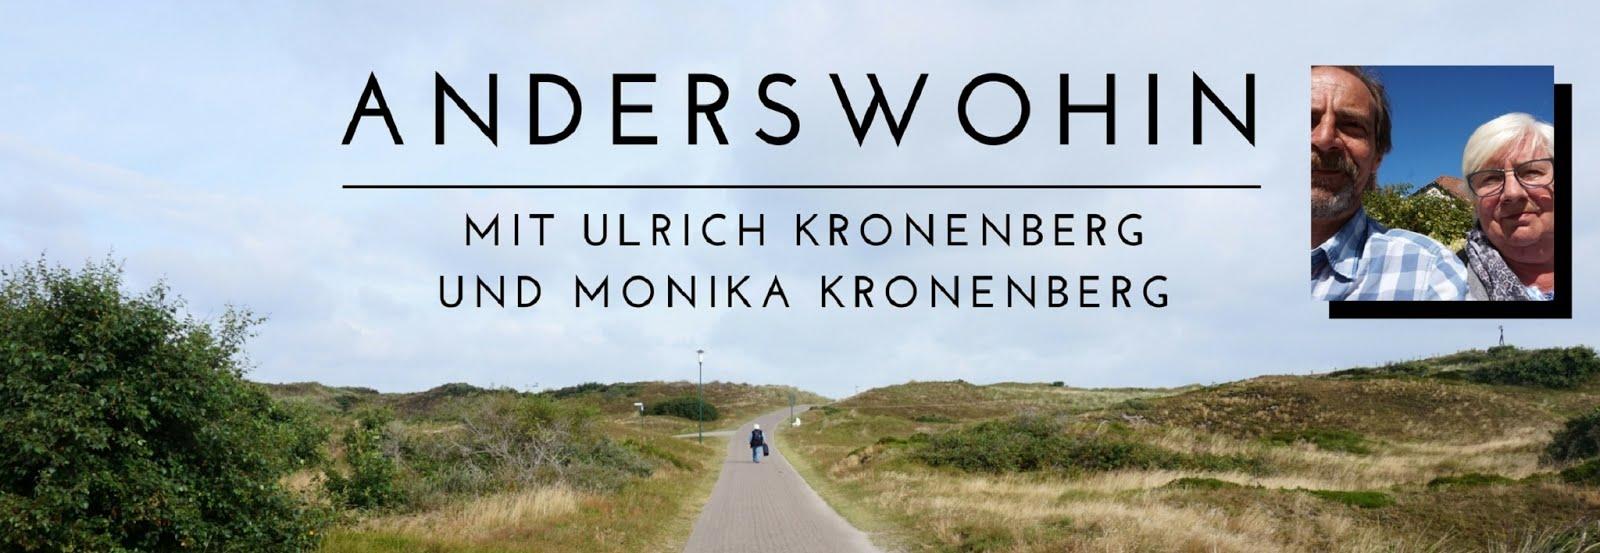 anderswohin - Ulrich Kronenberg